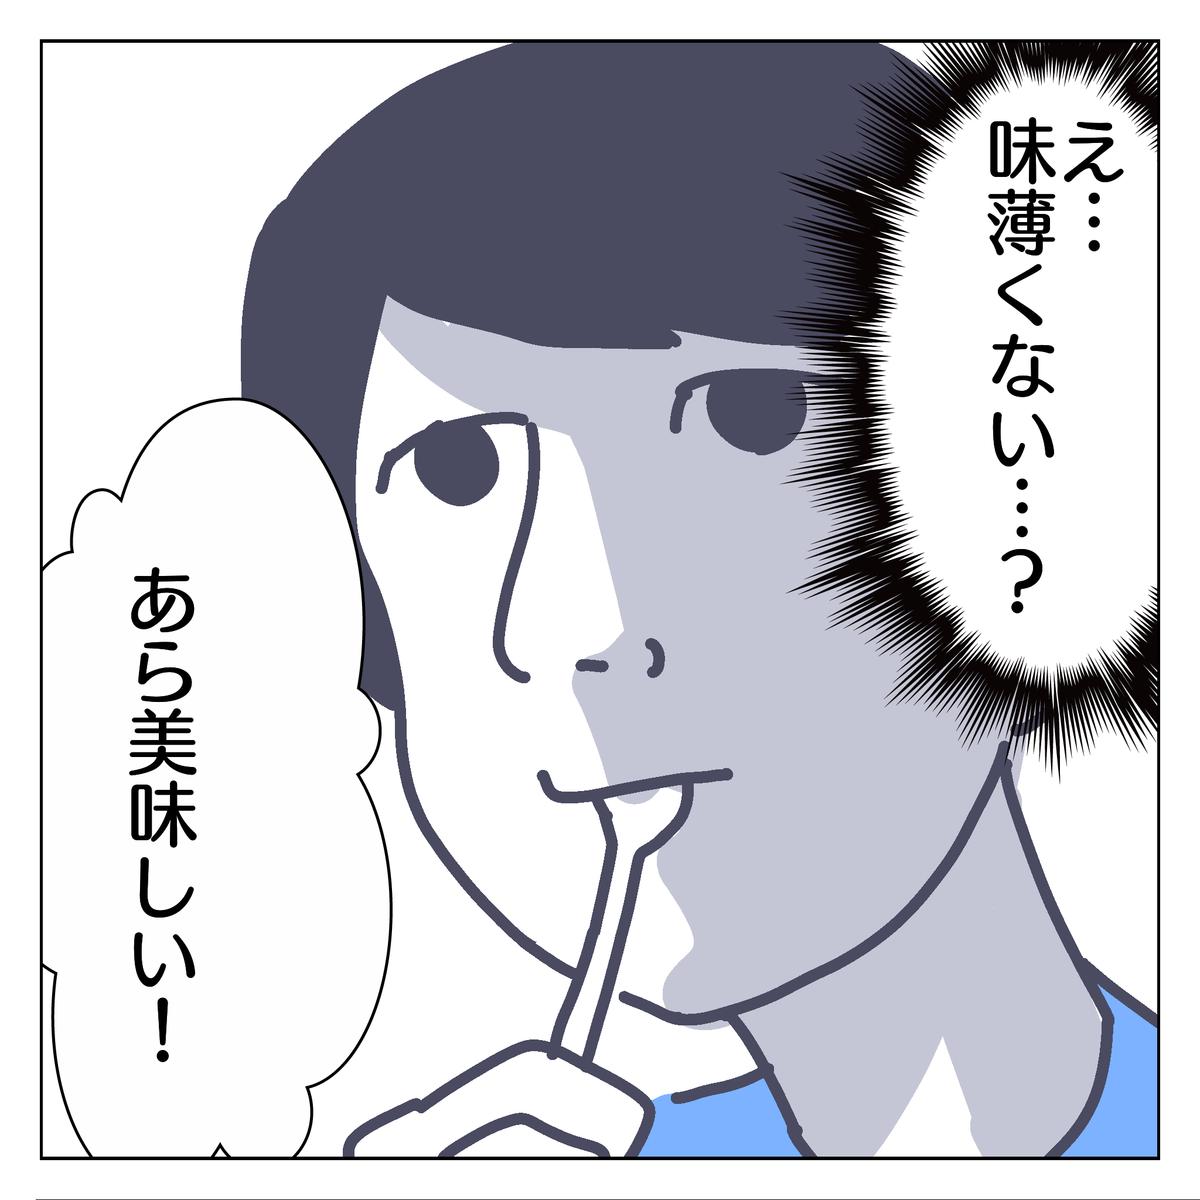 f:id:YuruFuwaTa:20200521150345p:plain